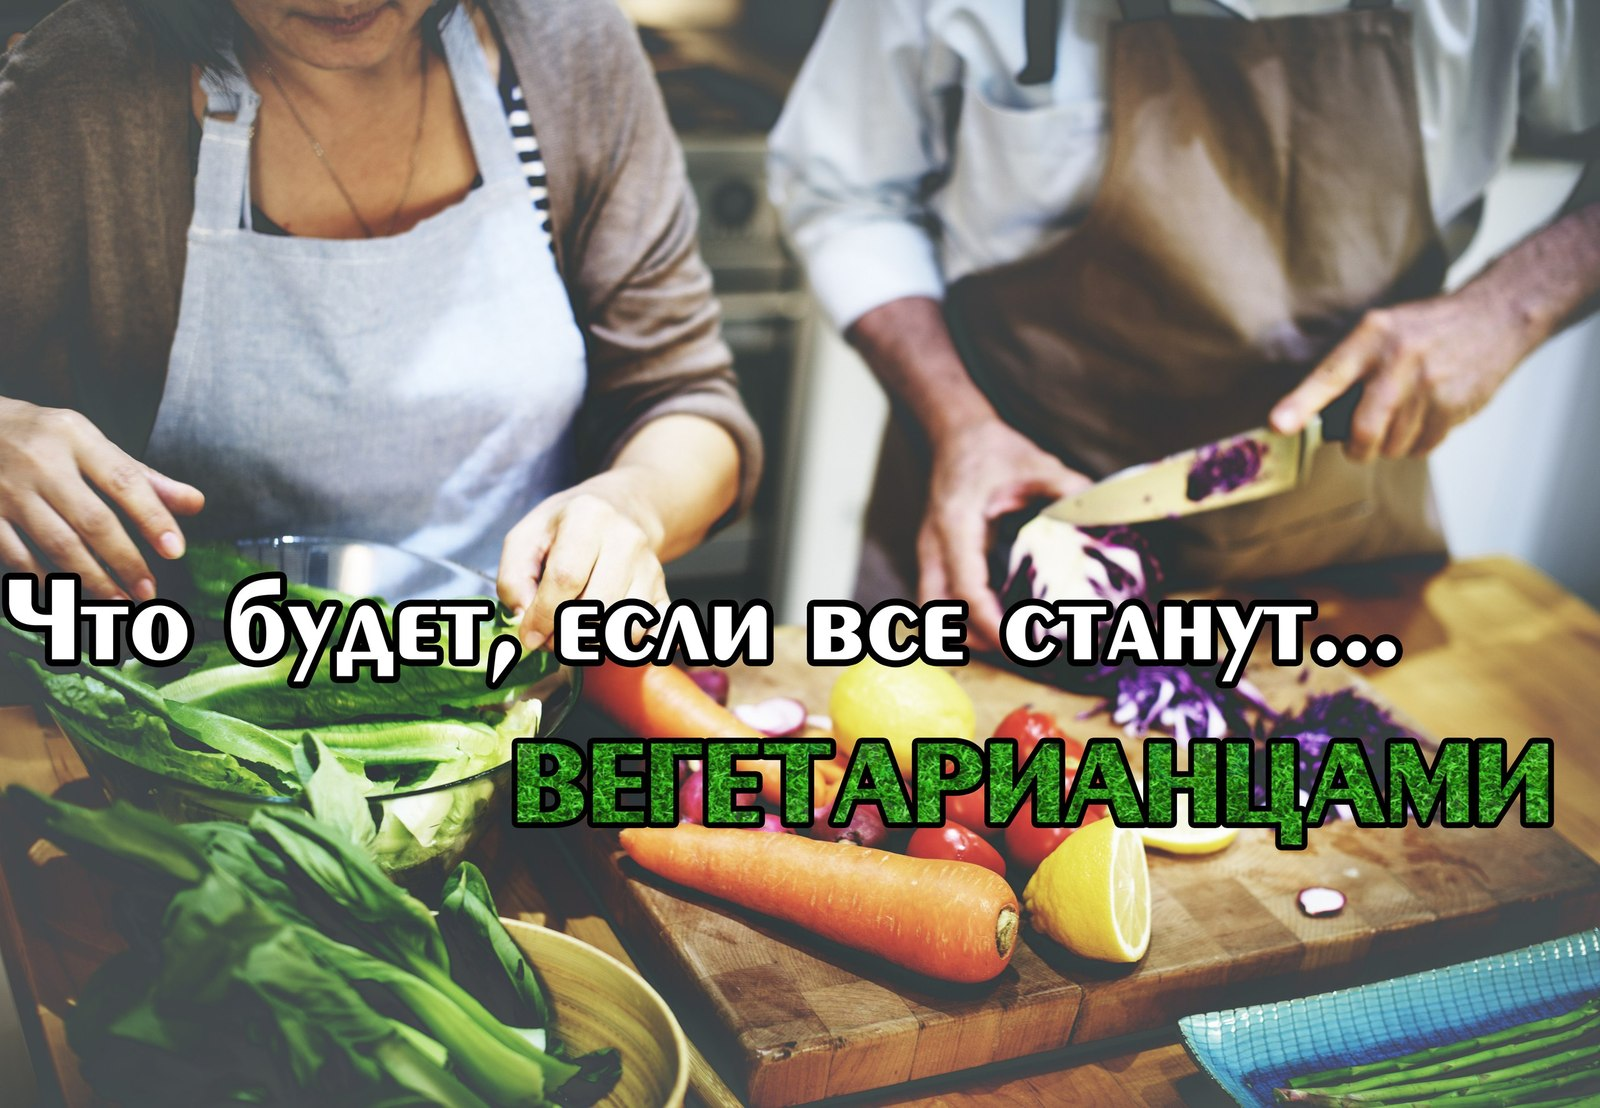 Вегетарианство и бодибилдинг